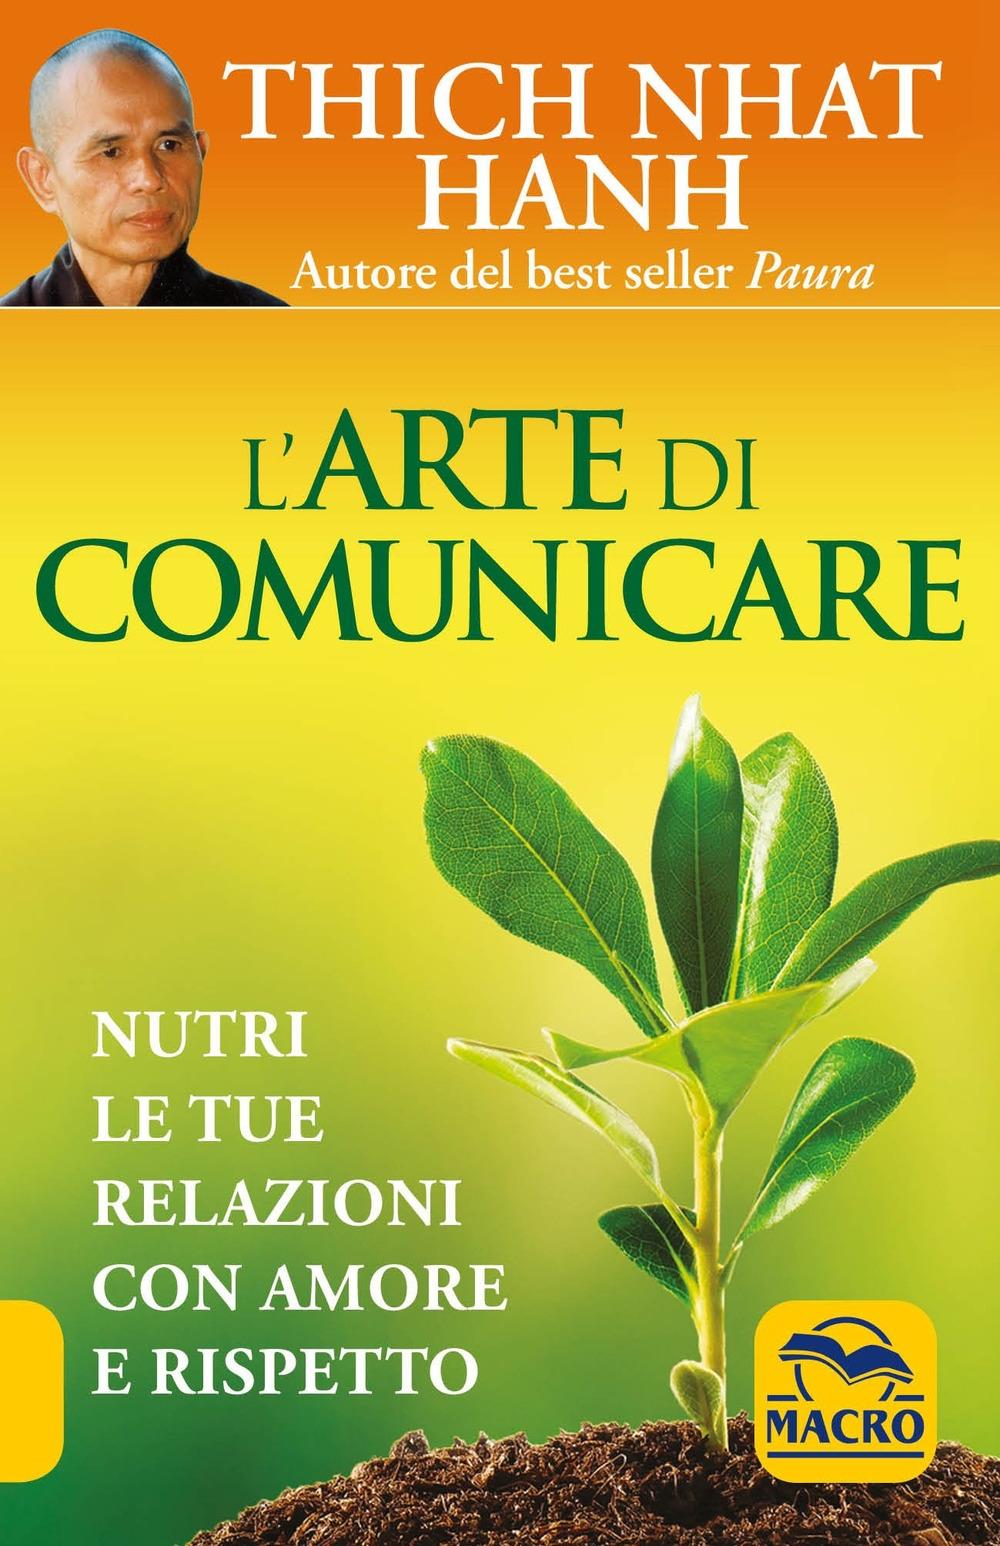 L'arte di comunicare. Nutri le tue relaizoni con amore e rispetto.